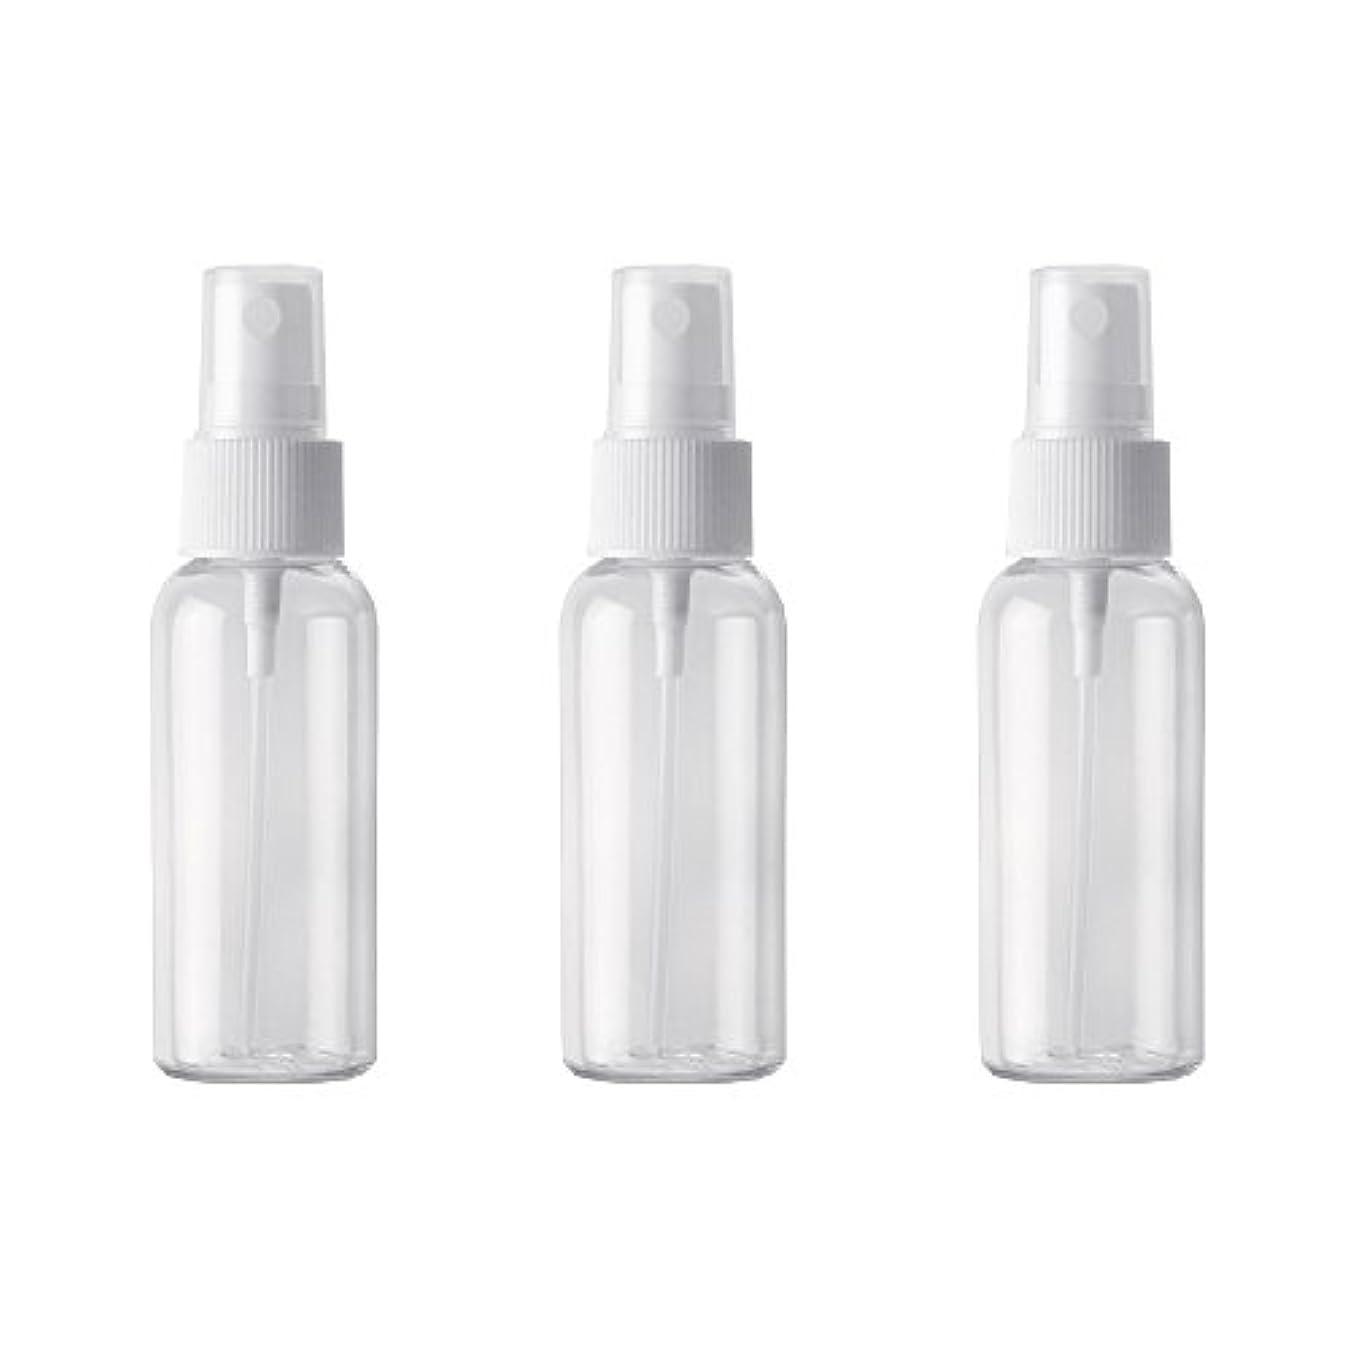 聖人退却前部PET小分けボトル トラベルボトル スプレーボトル 3本セット 霧吹き 小分け容器 化粧水 精製水 詰替ボトル 旅行用(50ml )